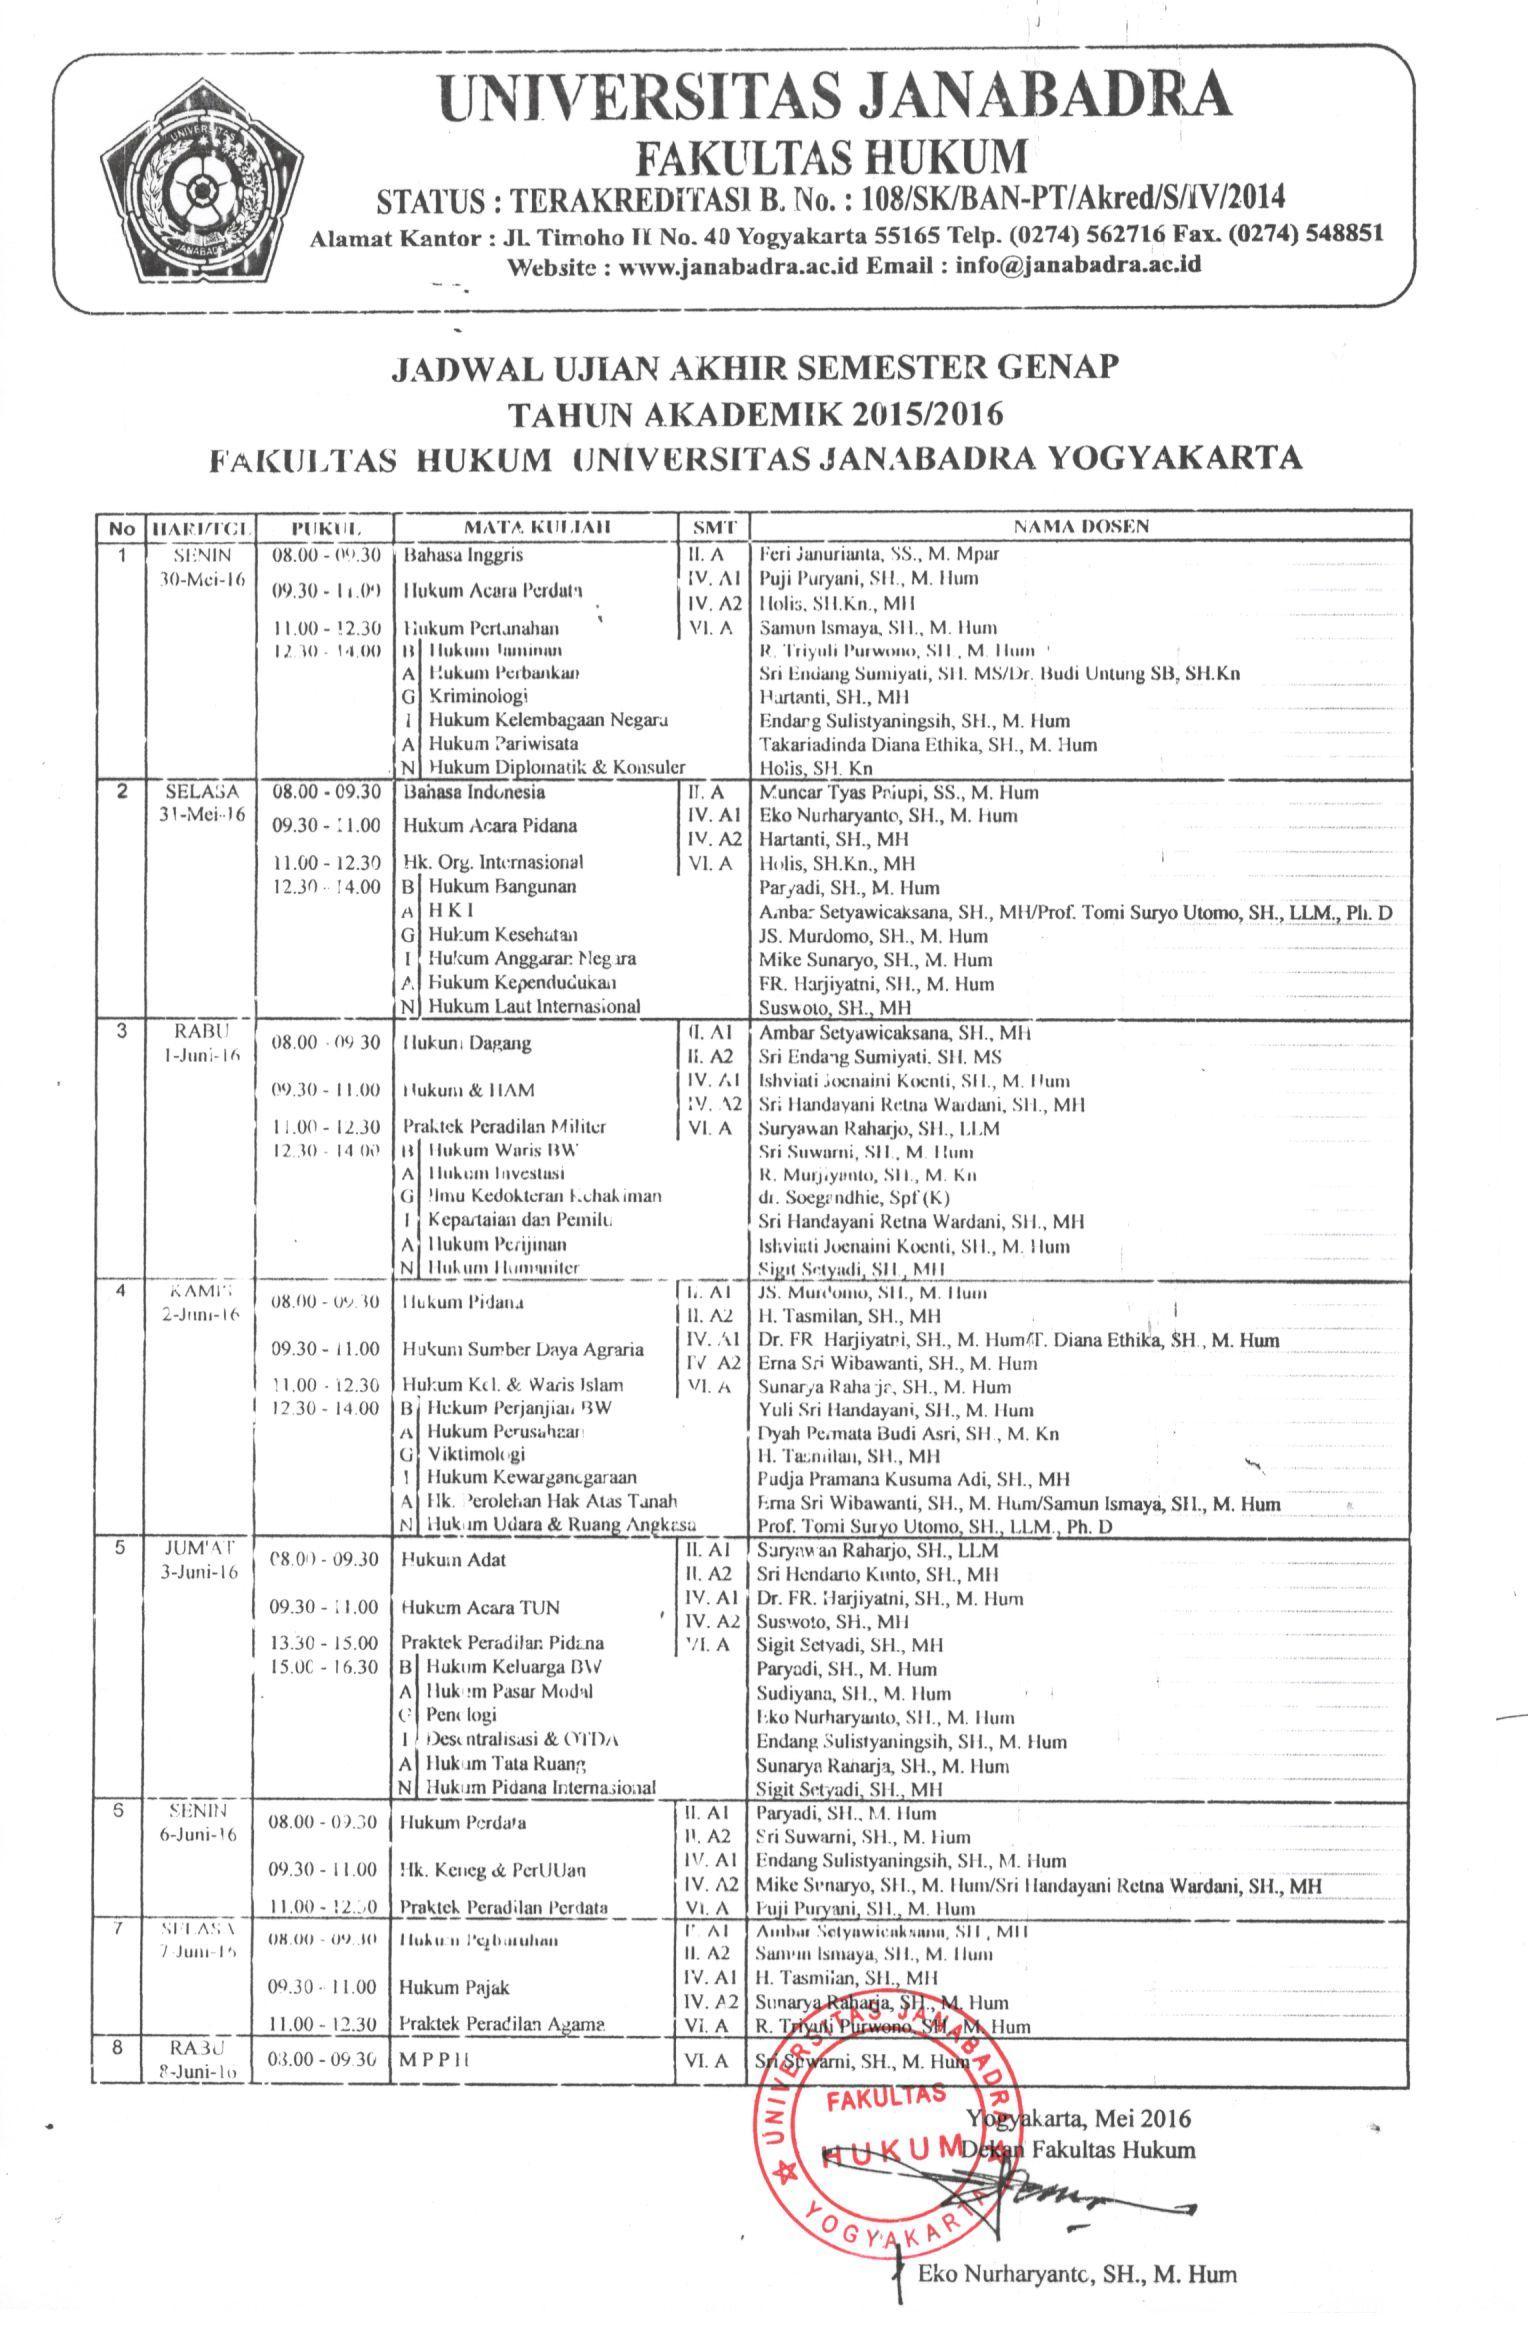 Jadwal ujian Akhir Semester Genap 2015/2016 Kelas Reguler